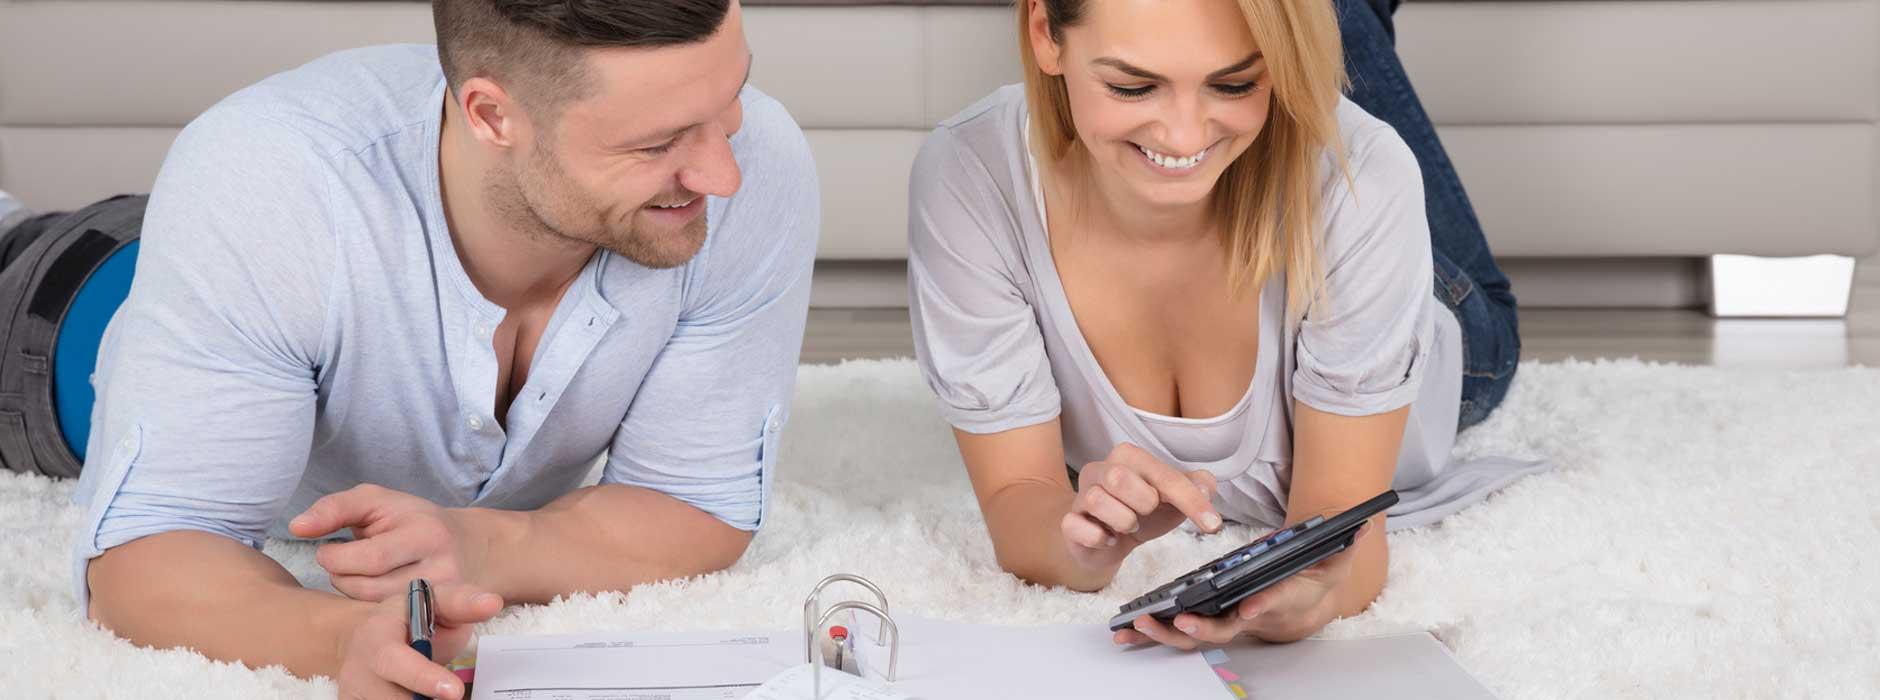 putzfrau von der steuer absetzen darauf sollten sie achten ratgeber magazin tipps von. Black Bedroom Furniture Sets. Home Design Ideas